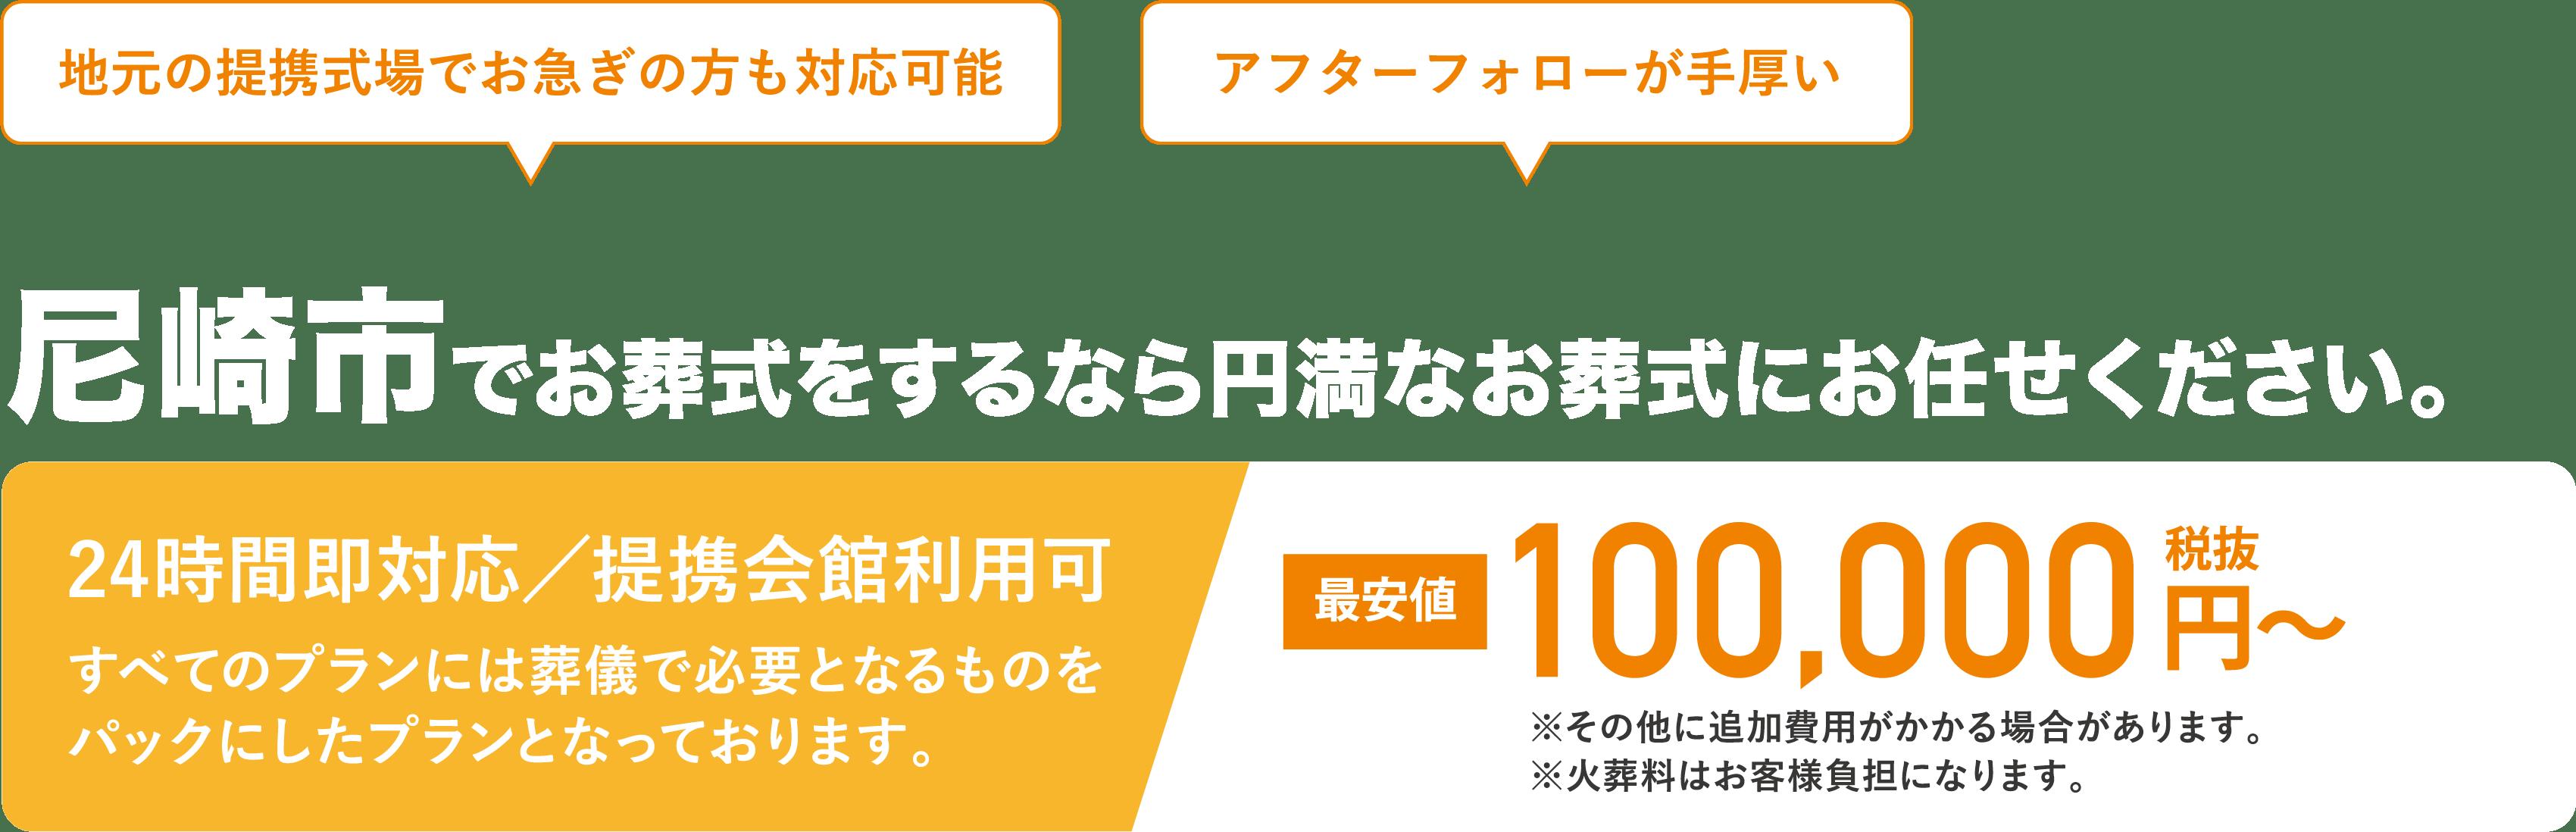 尼崎市でお葬式をするなら円満なお葬式にお任せください。